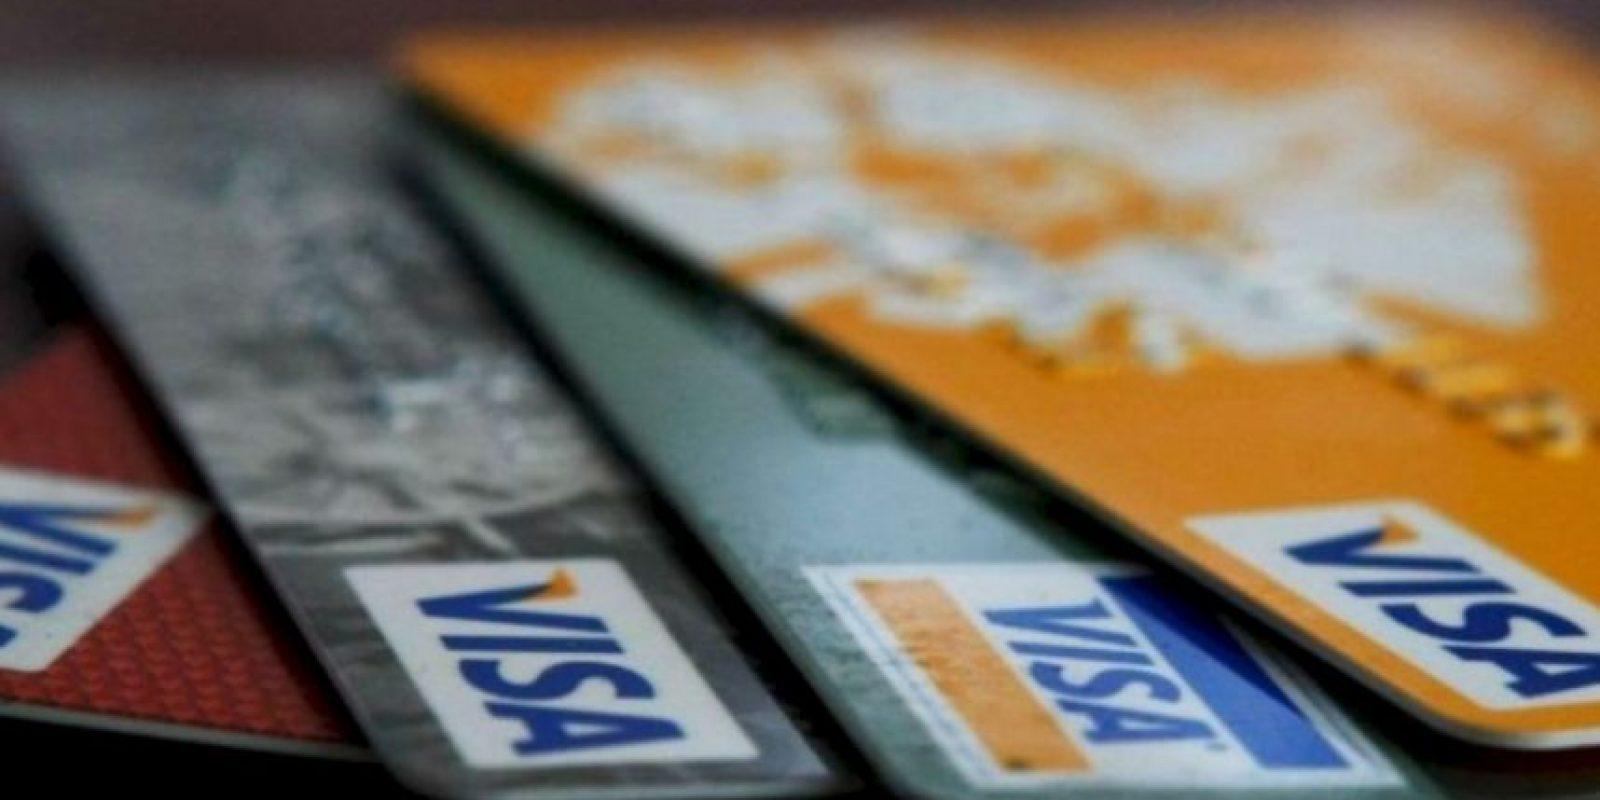 2- Pérdida de datos: Los principales datos robados son los números de tarjeta de crédito. Foto:Getty Images. Imagen Por: Las tasas de interés afectan los créditos y las compras hechas con tarjeta de crédito. Imagen: Archivo Getty